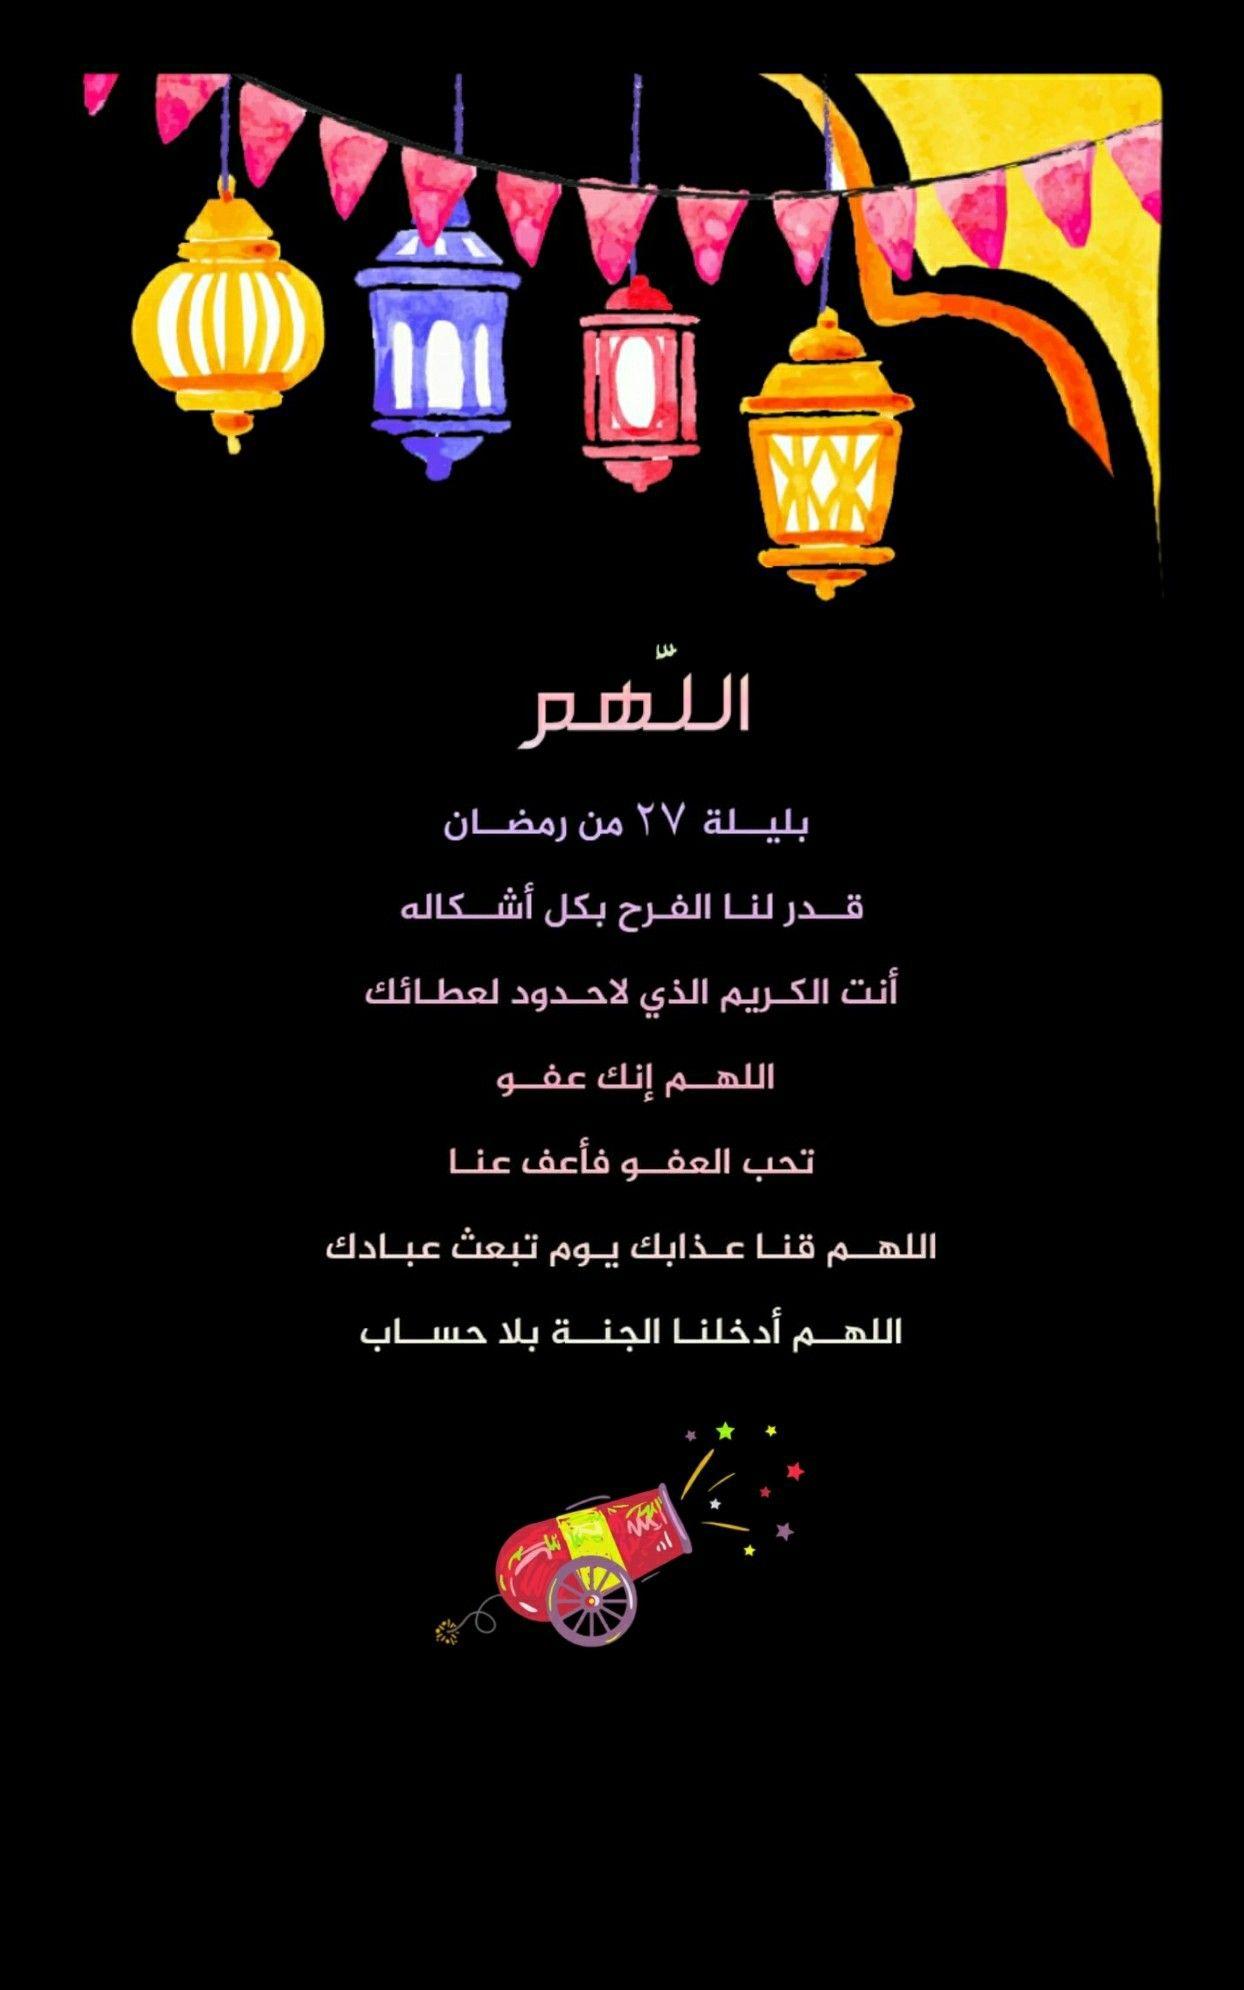 اللهــــم بليــلة ٢٧ من رمضــان قــدر لنــا الفــرح بكـل أشــكاله أنت الكــريم الذي لاحـدود لعطــائك Ramadan Quotes Ramadan Day Ramadan Mubarak Wallpapers